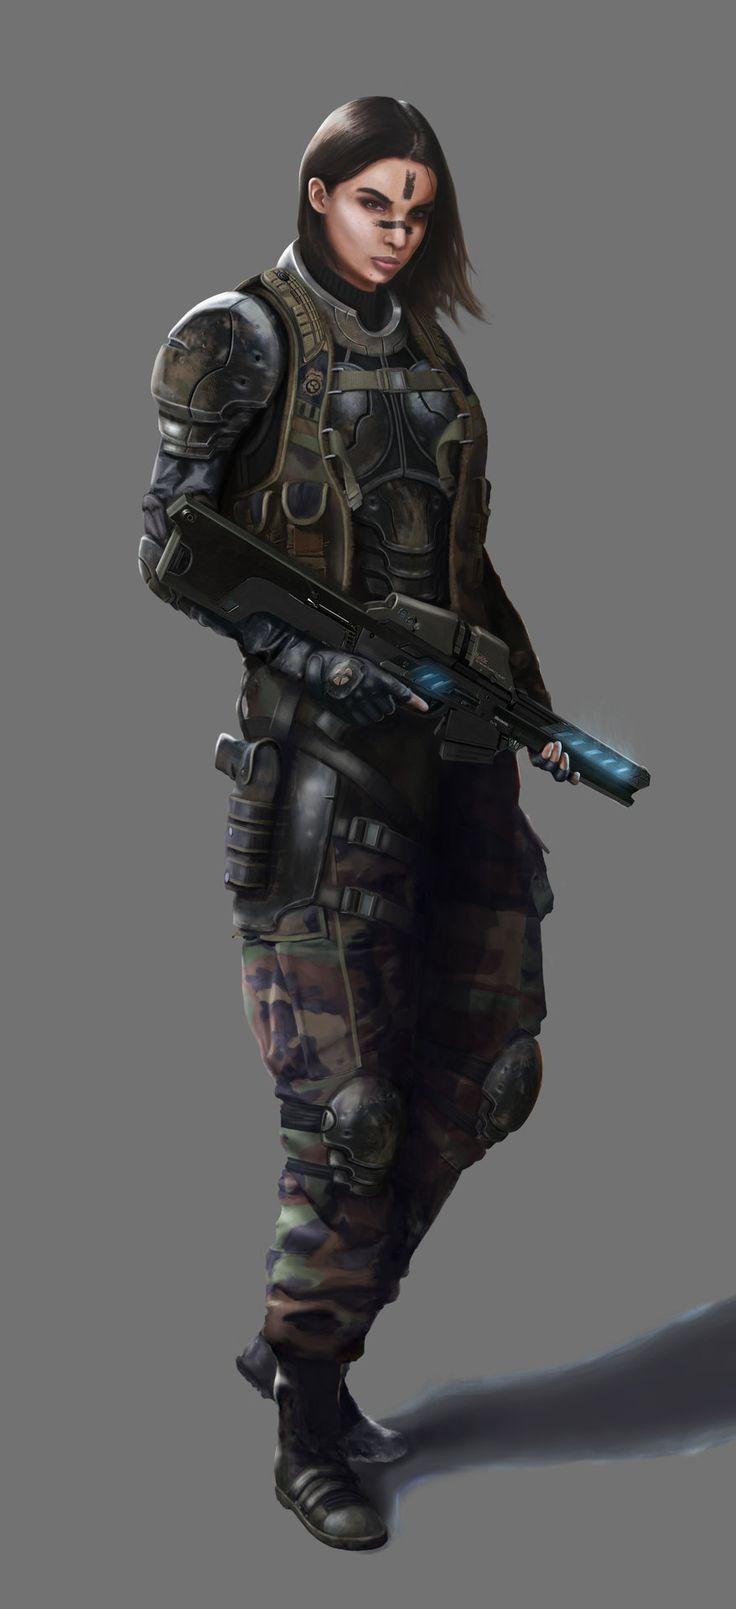 ArtStation - Female Soldier, Joey Tan